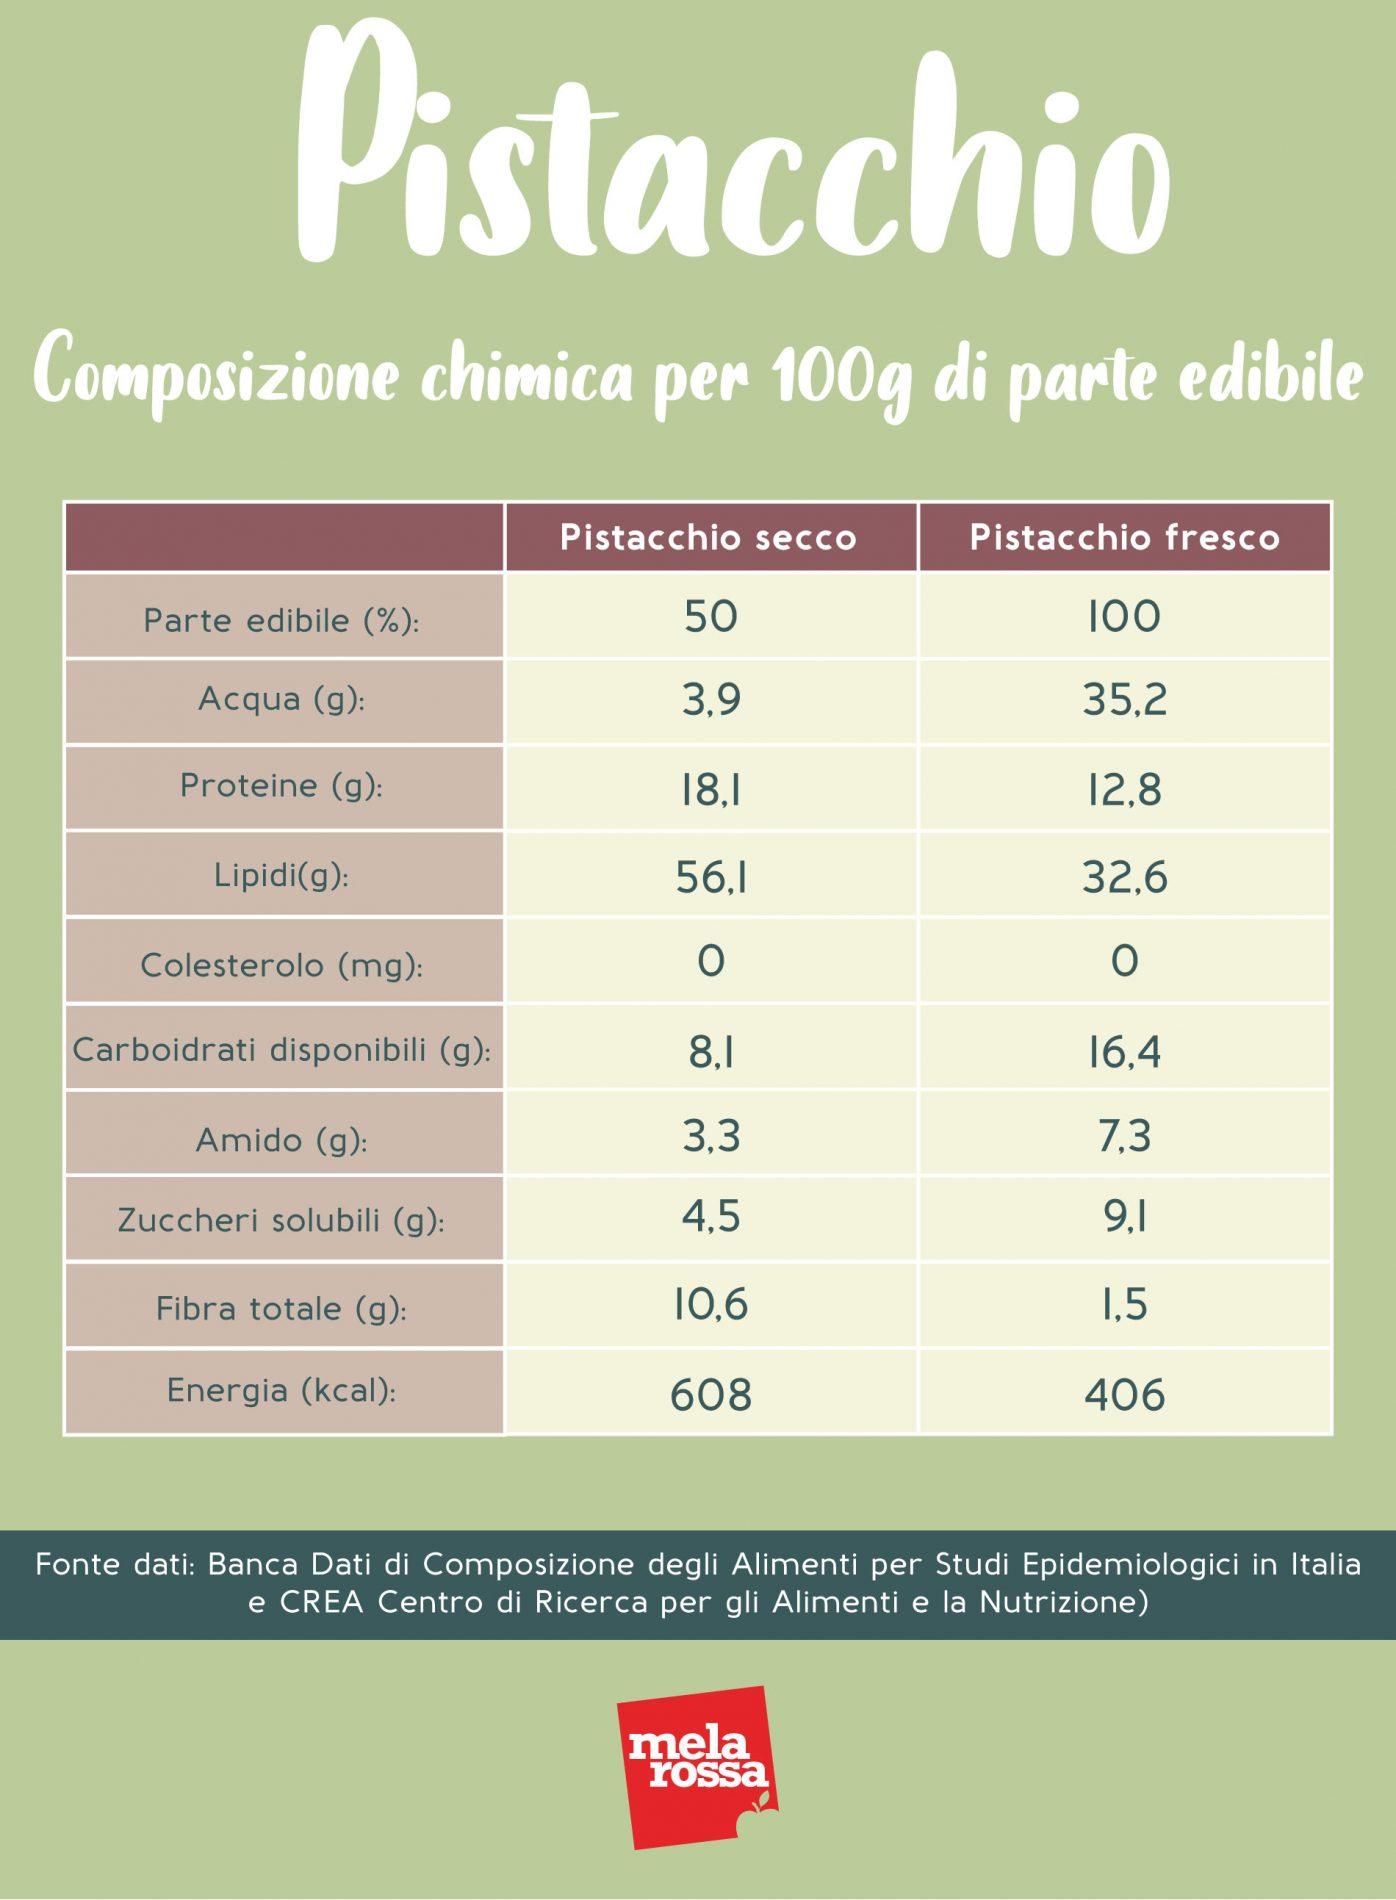 pistacchio: composizione chimica